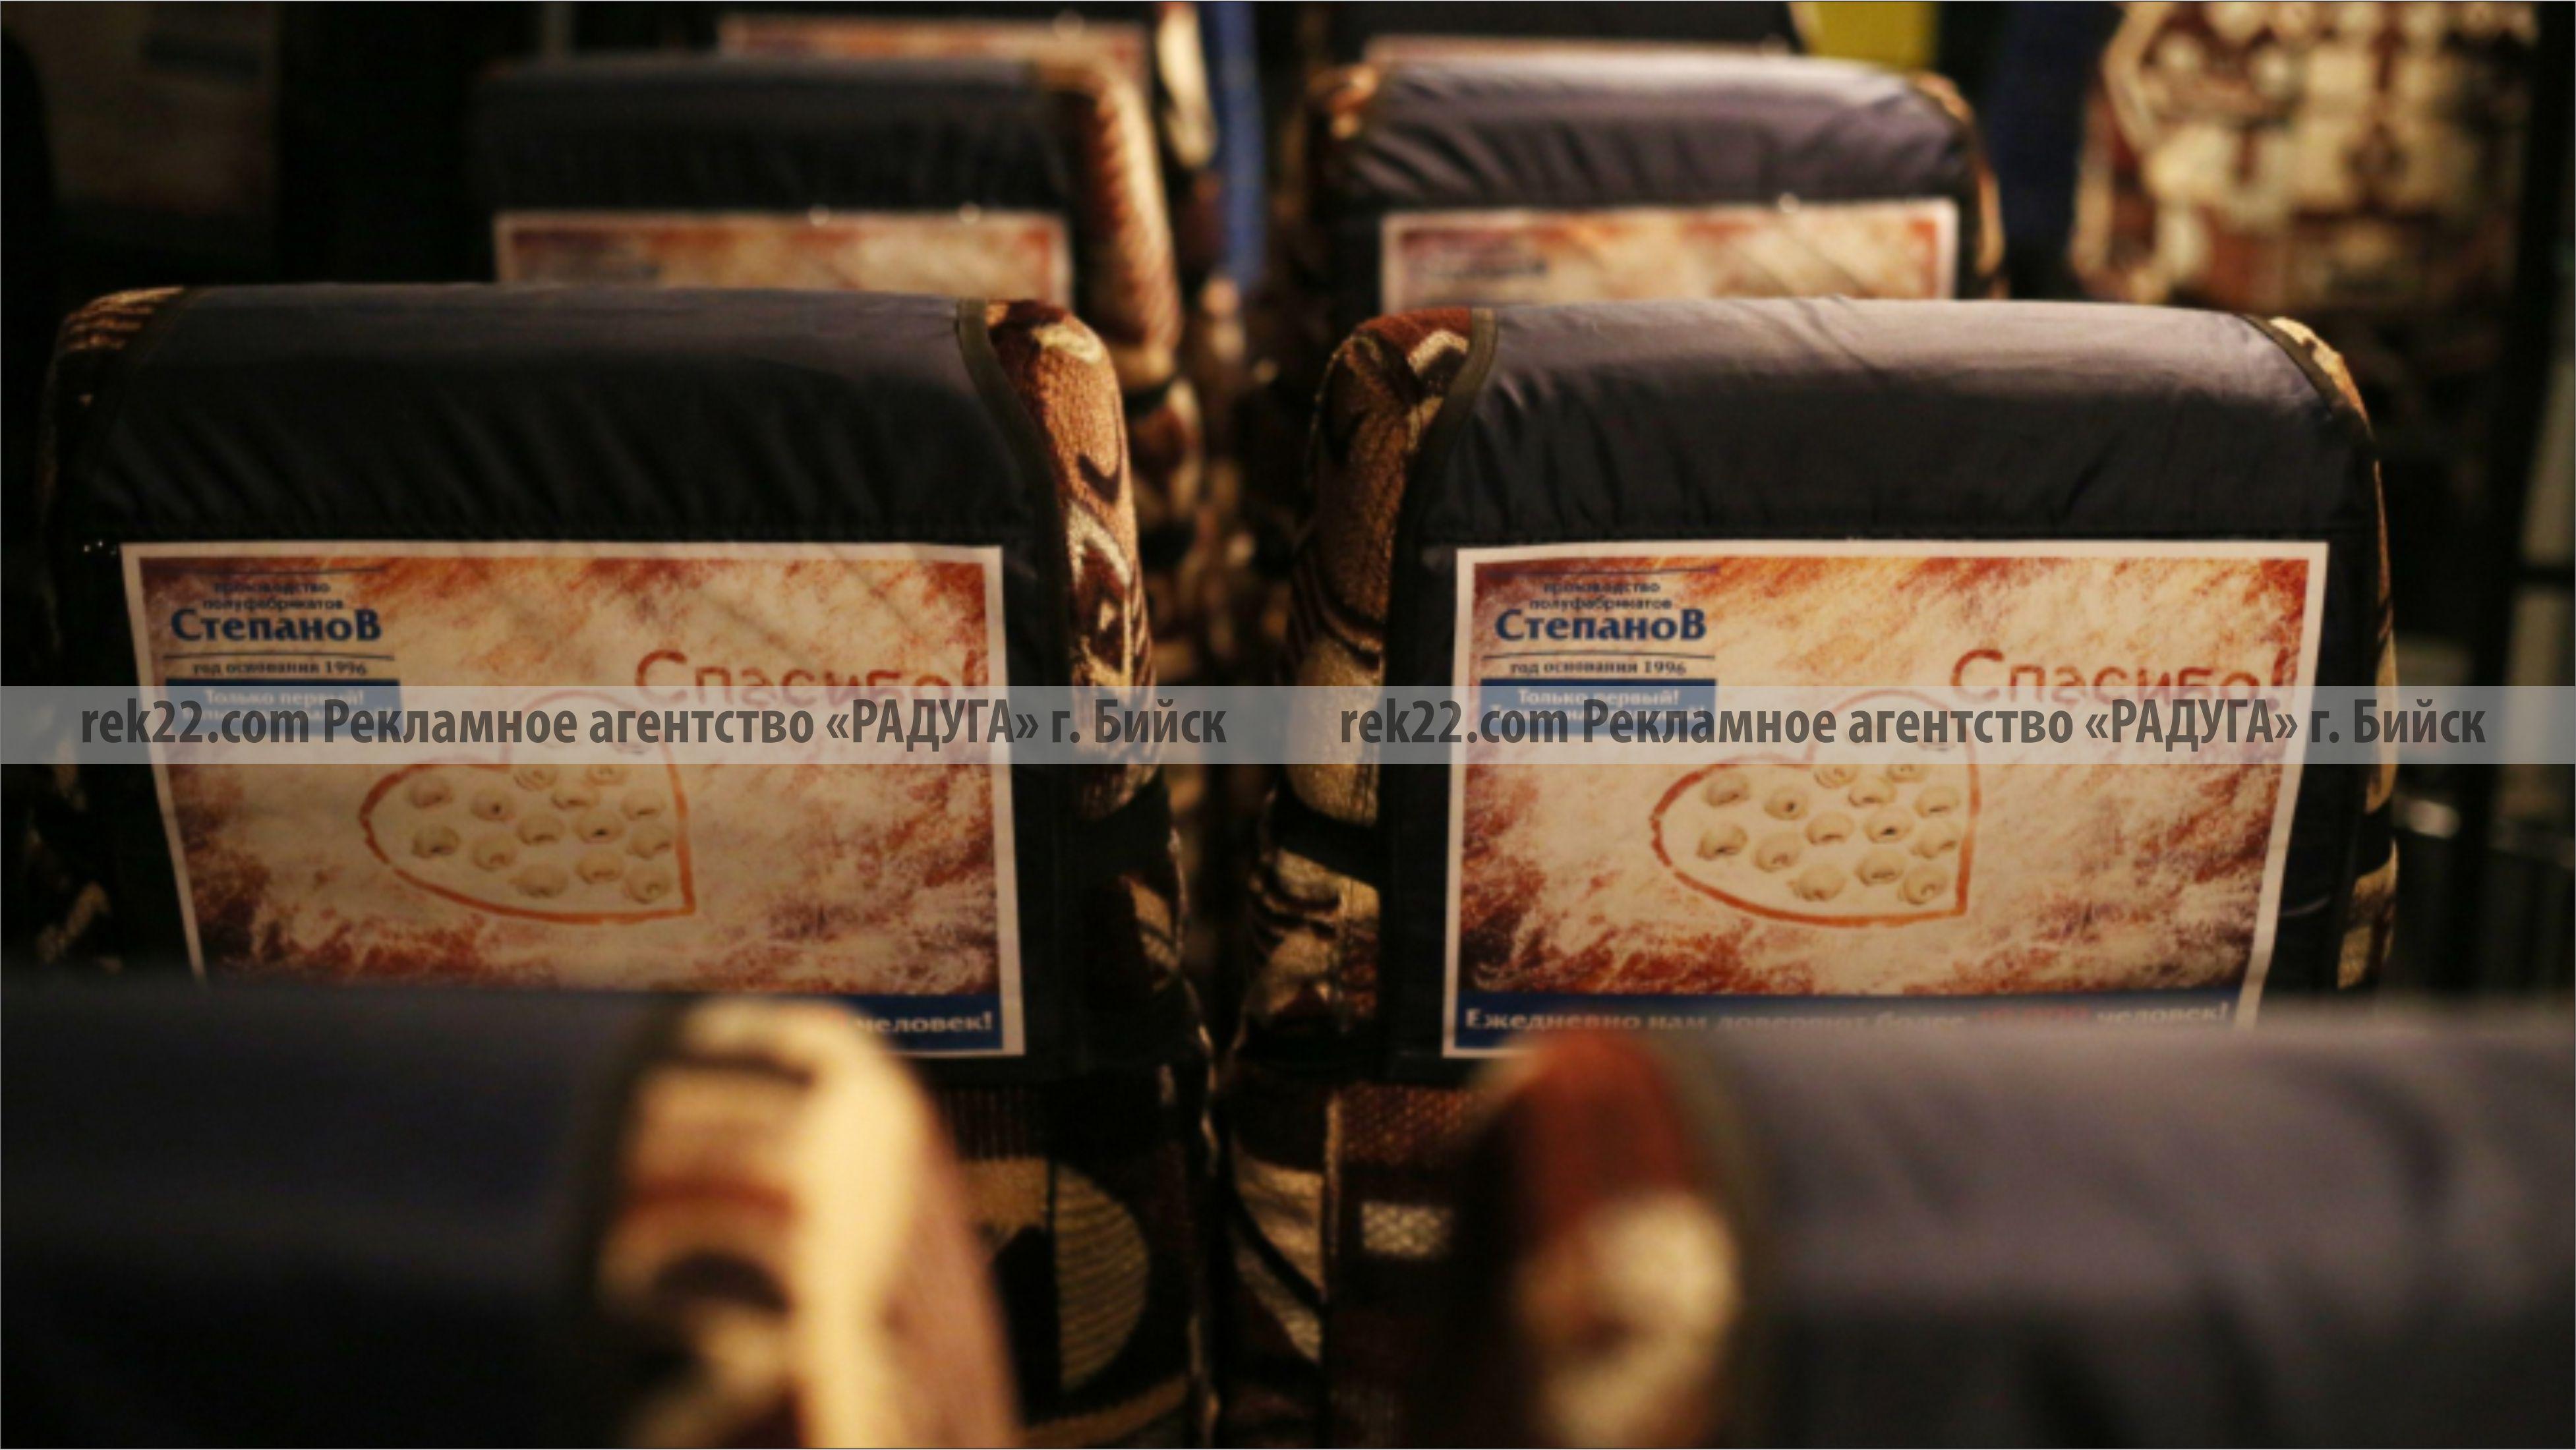 Реклама на транспорте Бийск - подголовники - 1